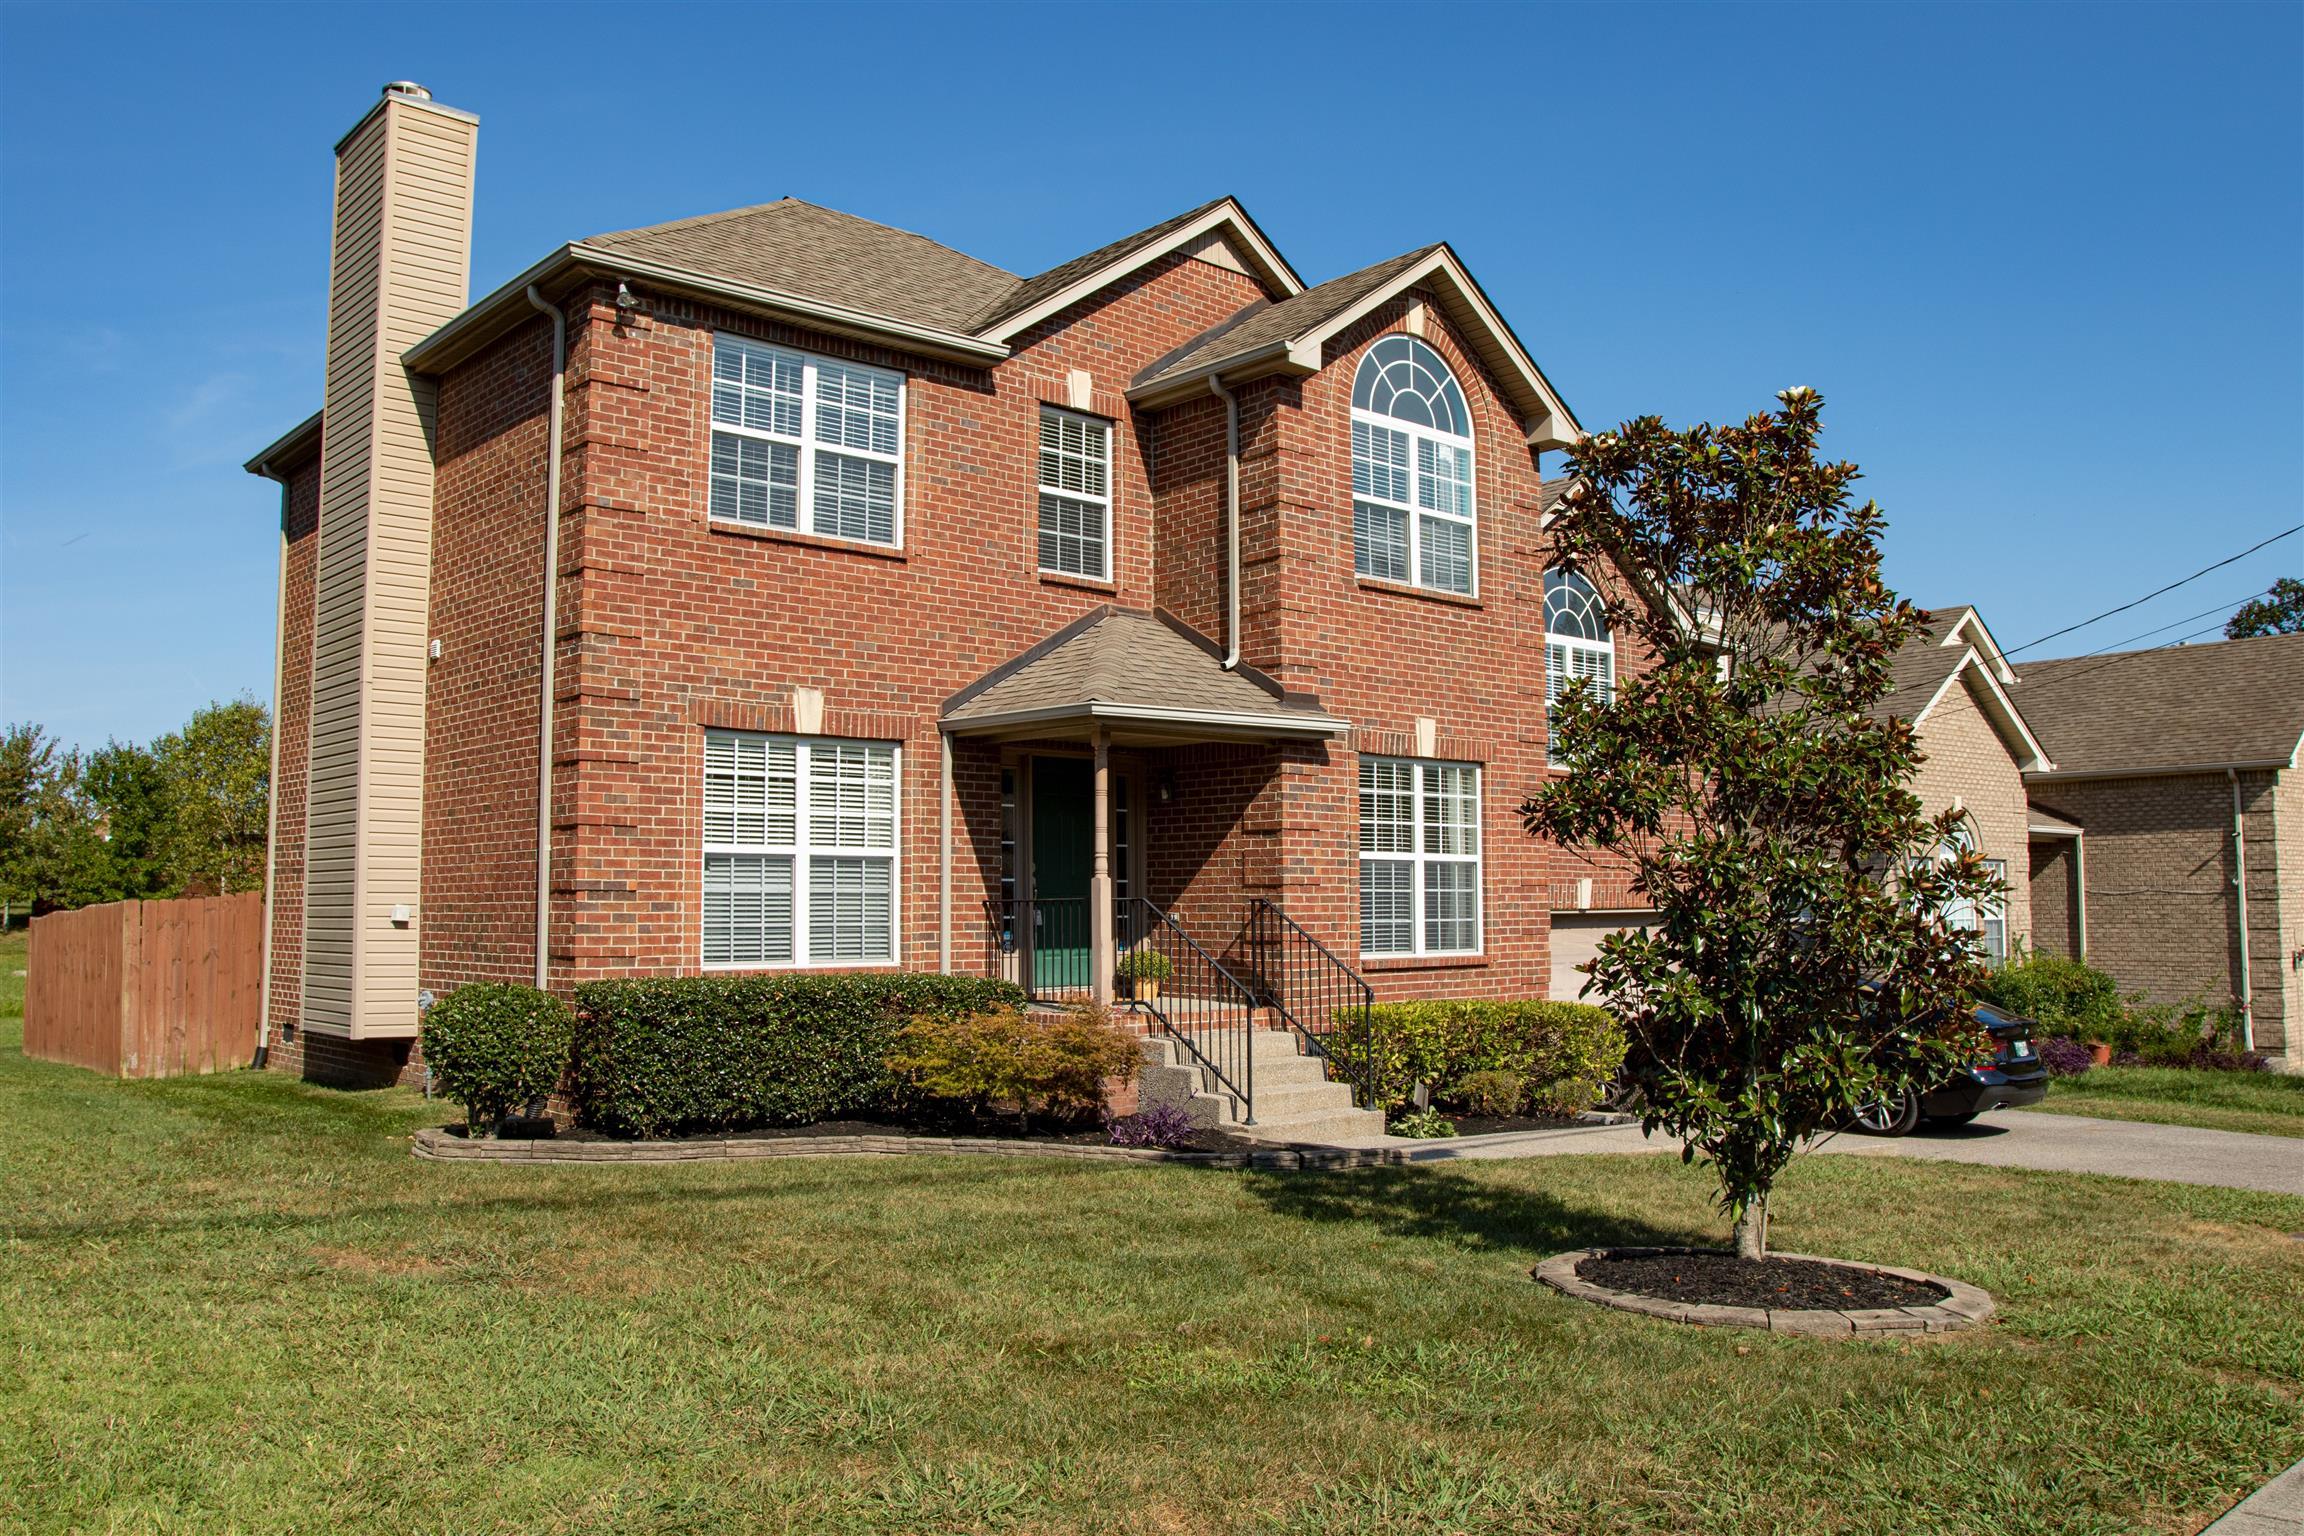 7064 Red Apple Rd, Antioch, TN 37013 - Antioch, TN real estate listing